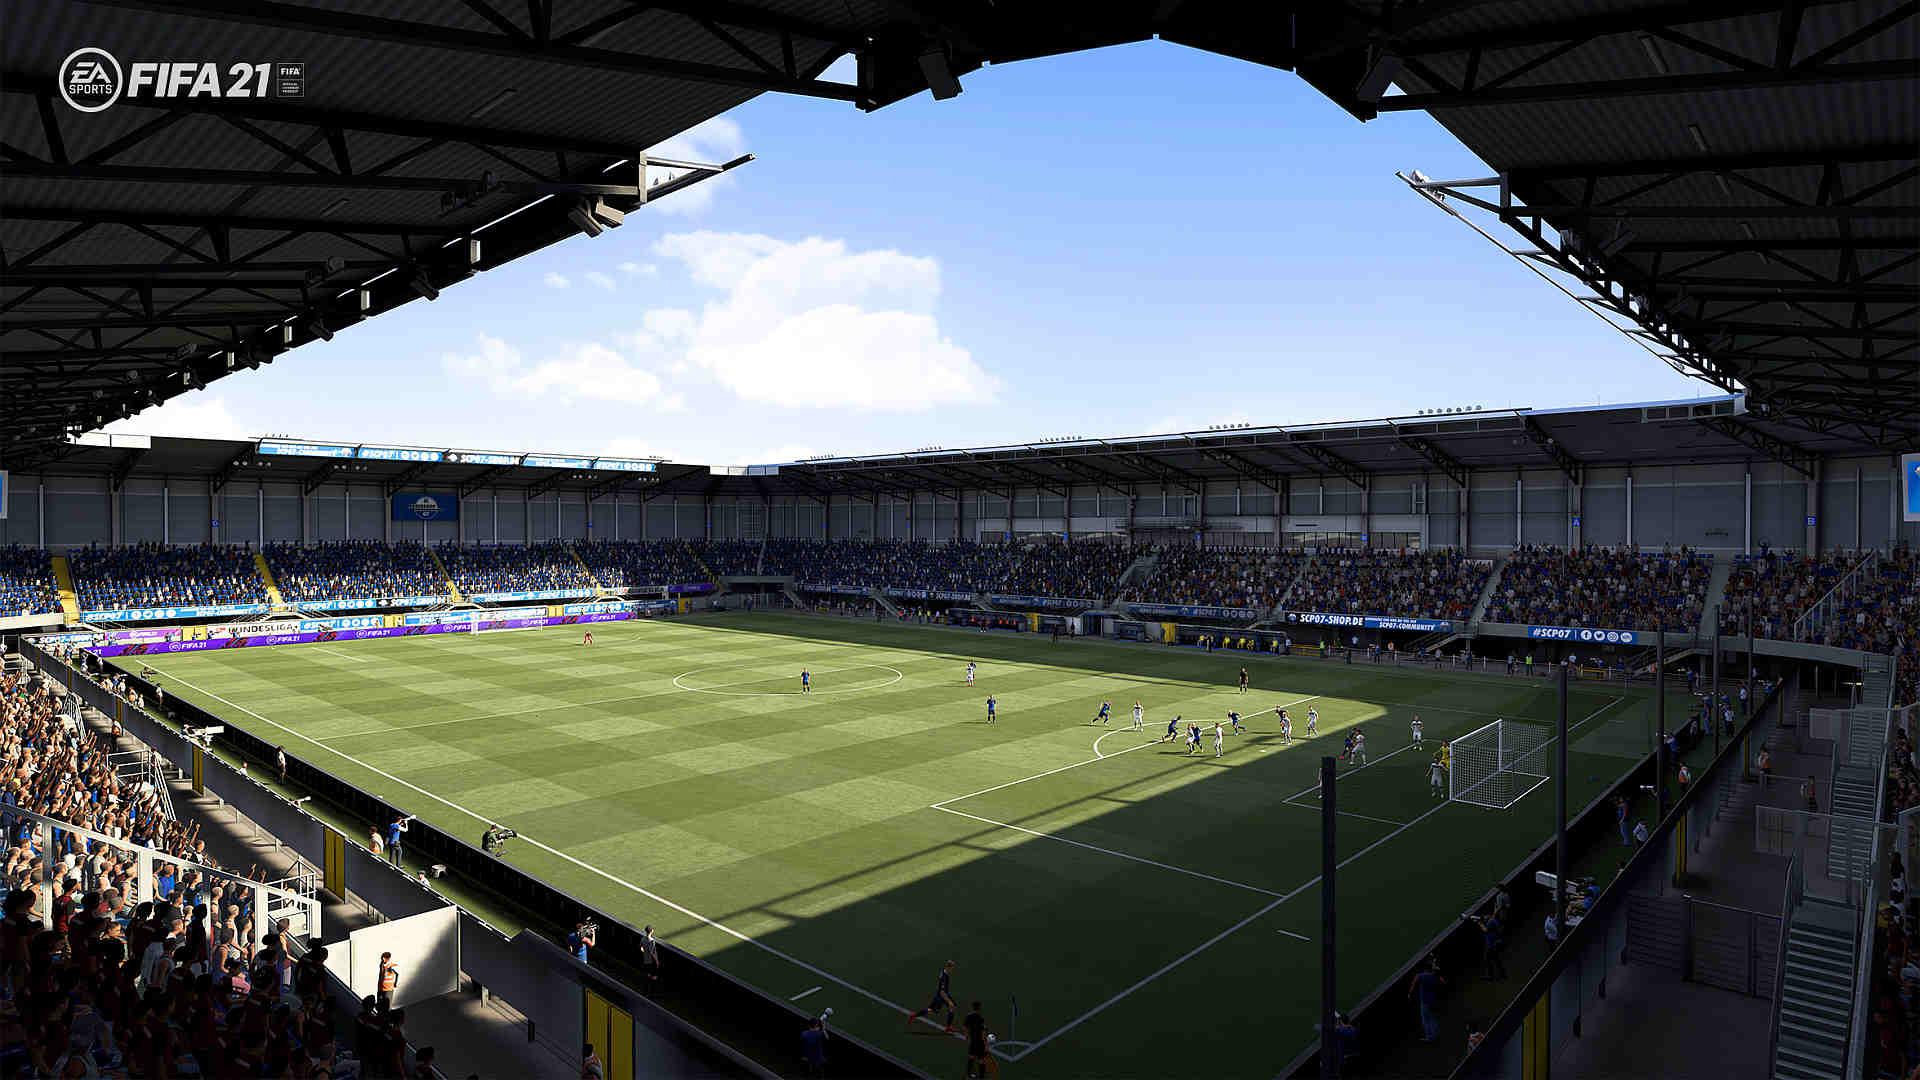 FIFA 21 - Stadion SC Paderborn 07